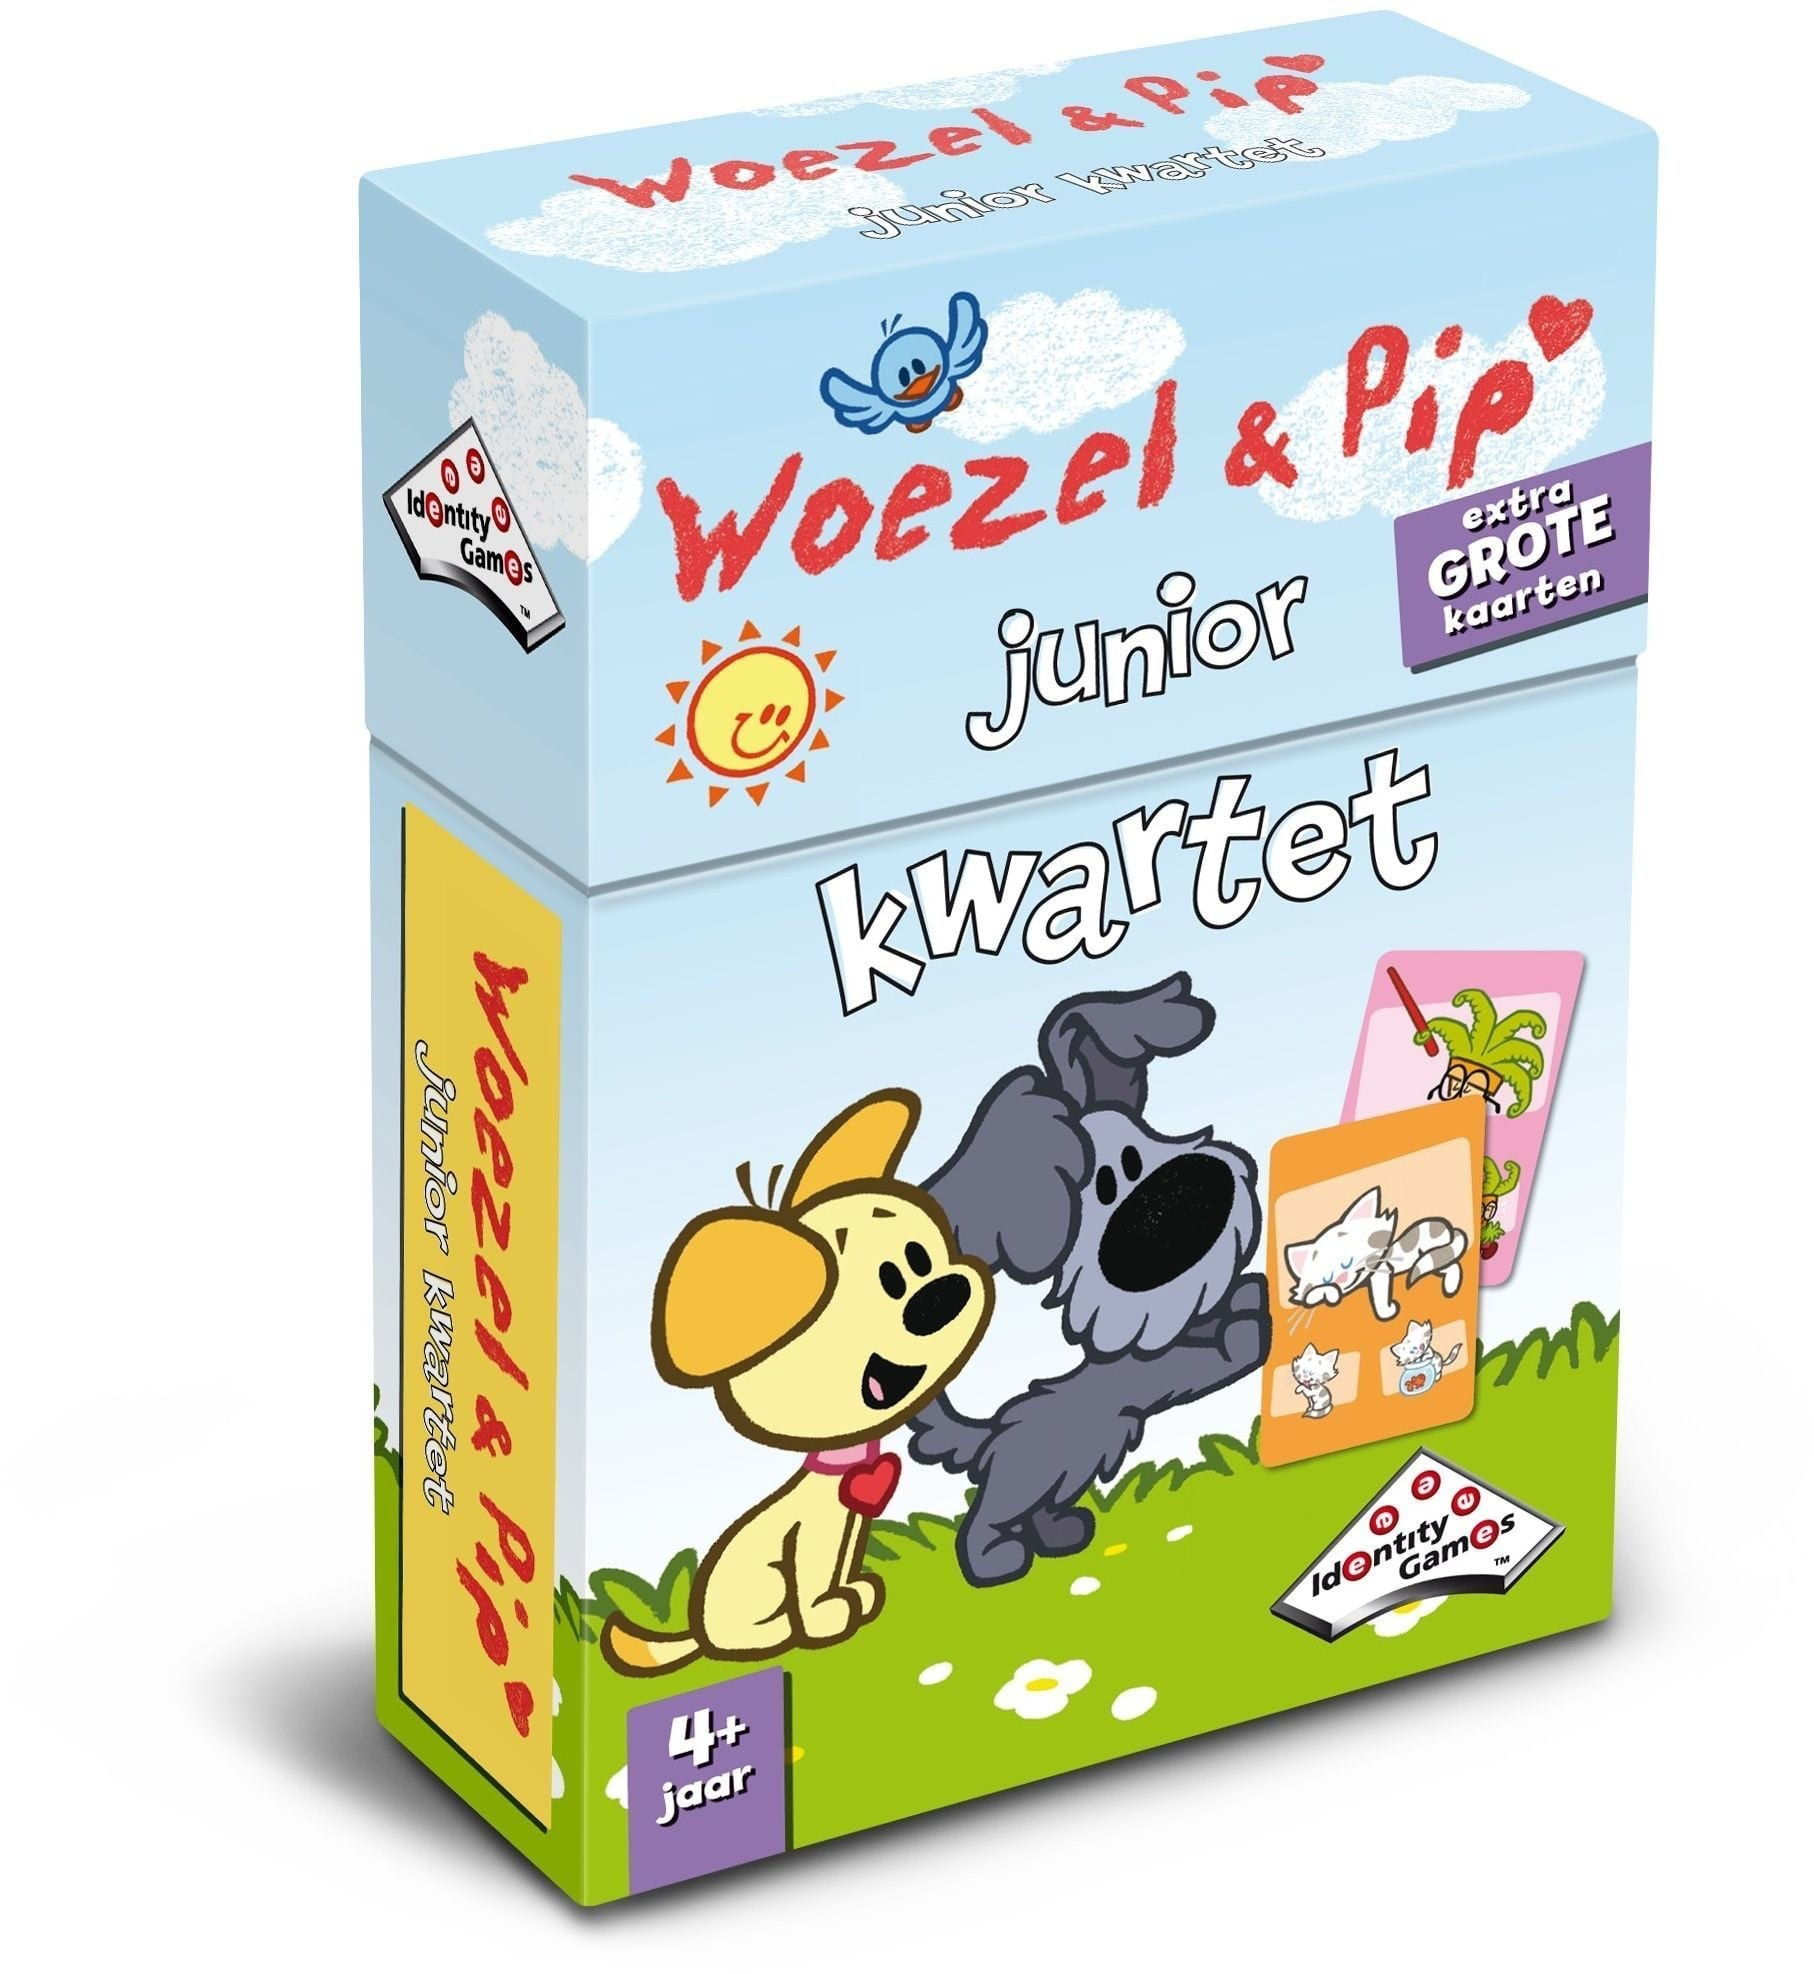 Woezel en Pip Junior Kwartet Stuk